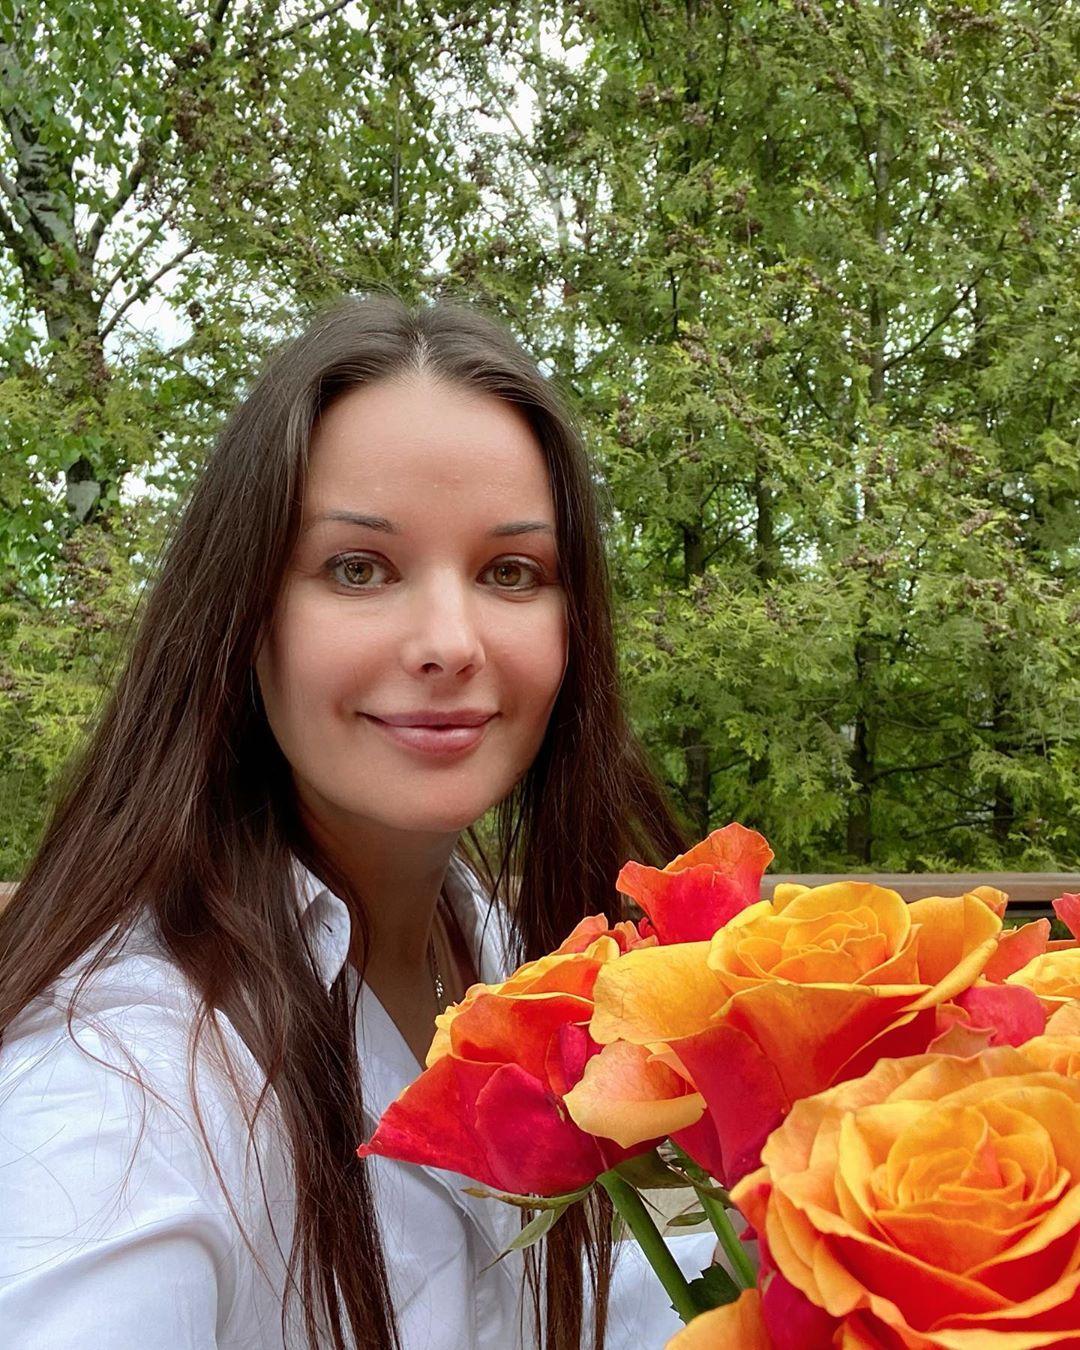 Примите себя! Оксана Федорова раскрыла секреты удачной фотосессии